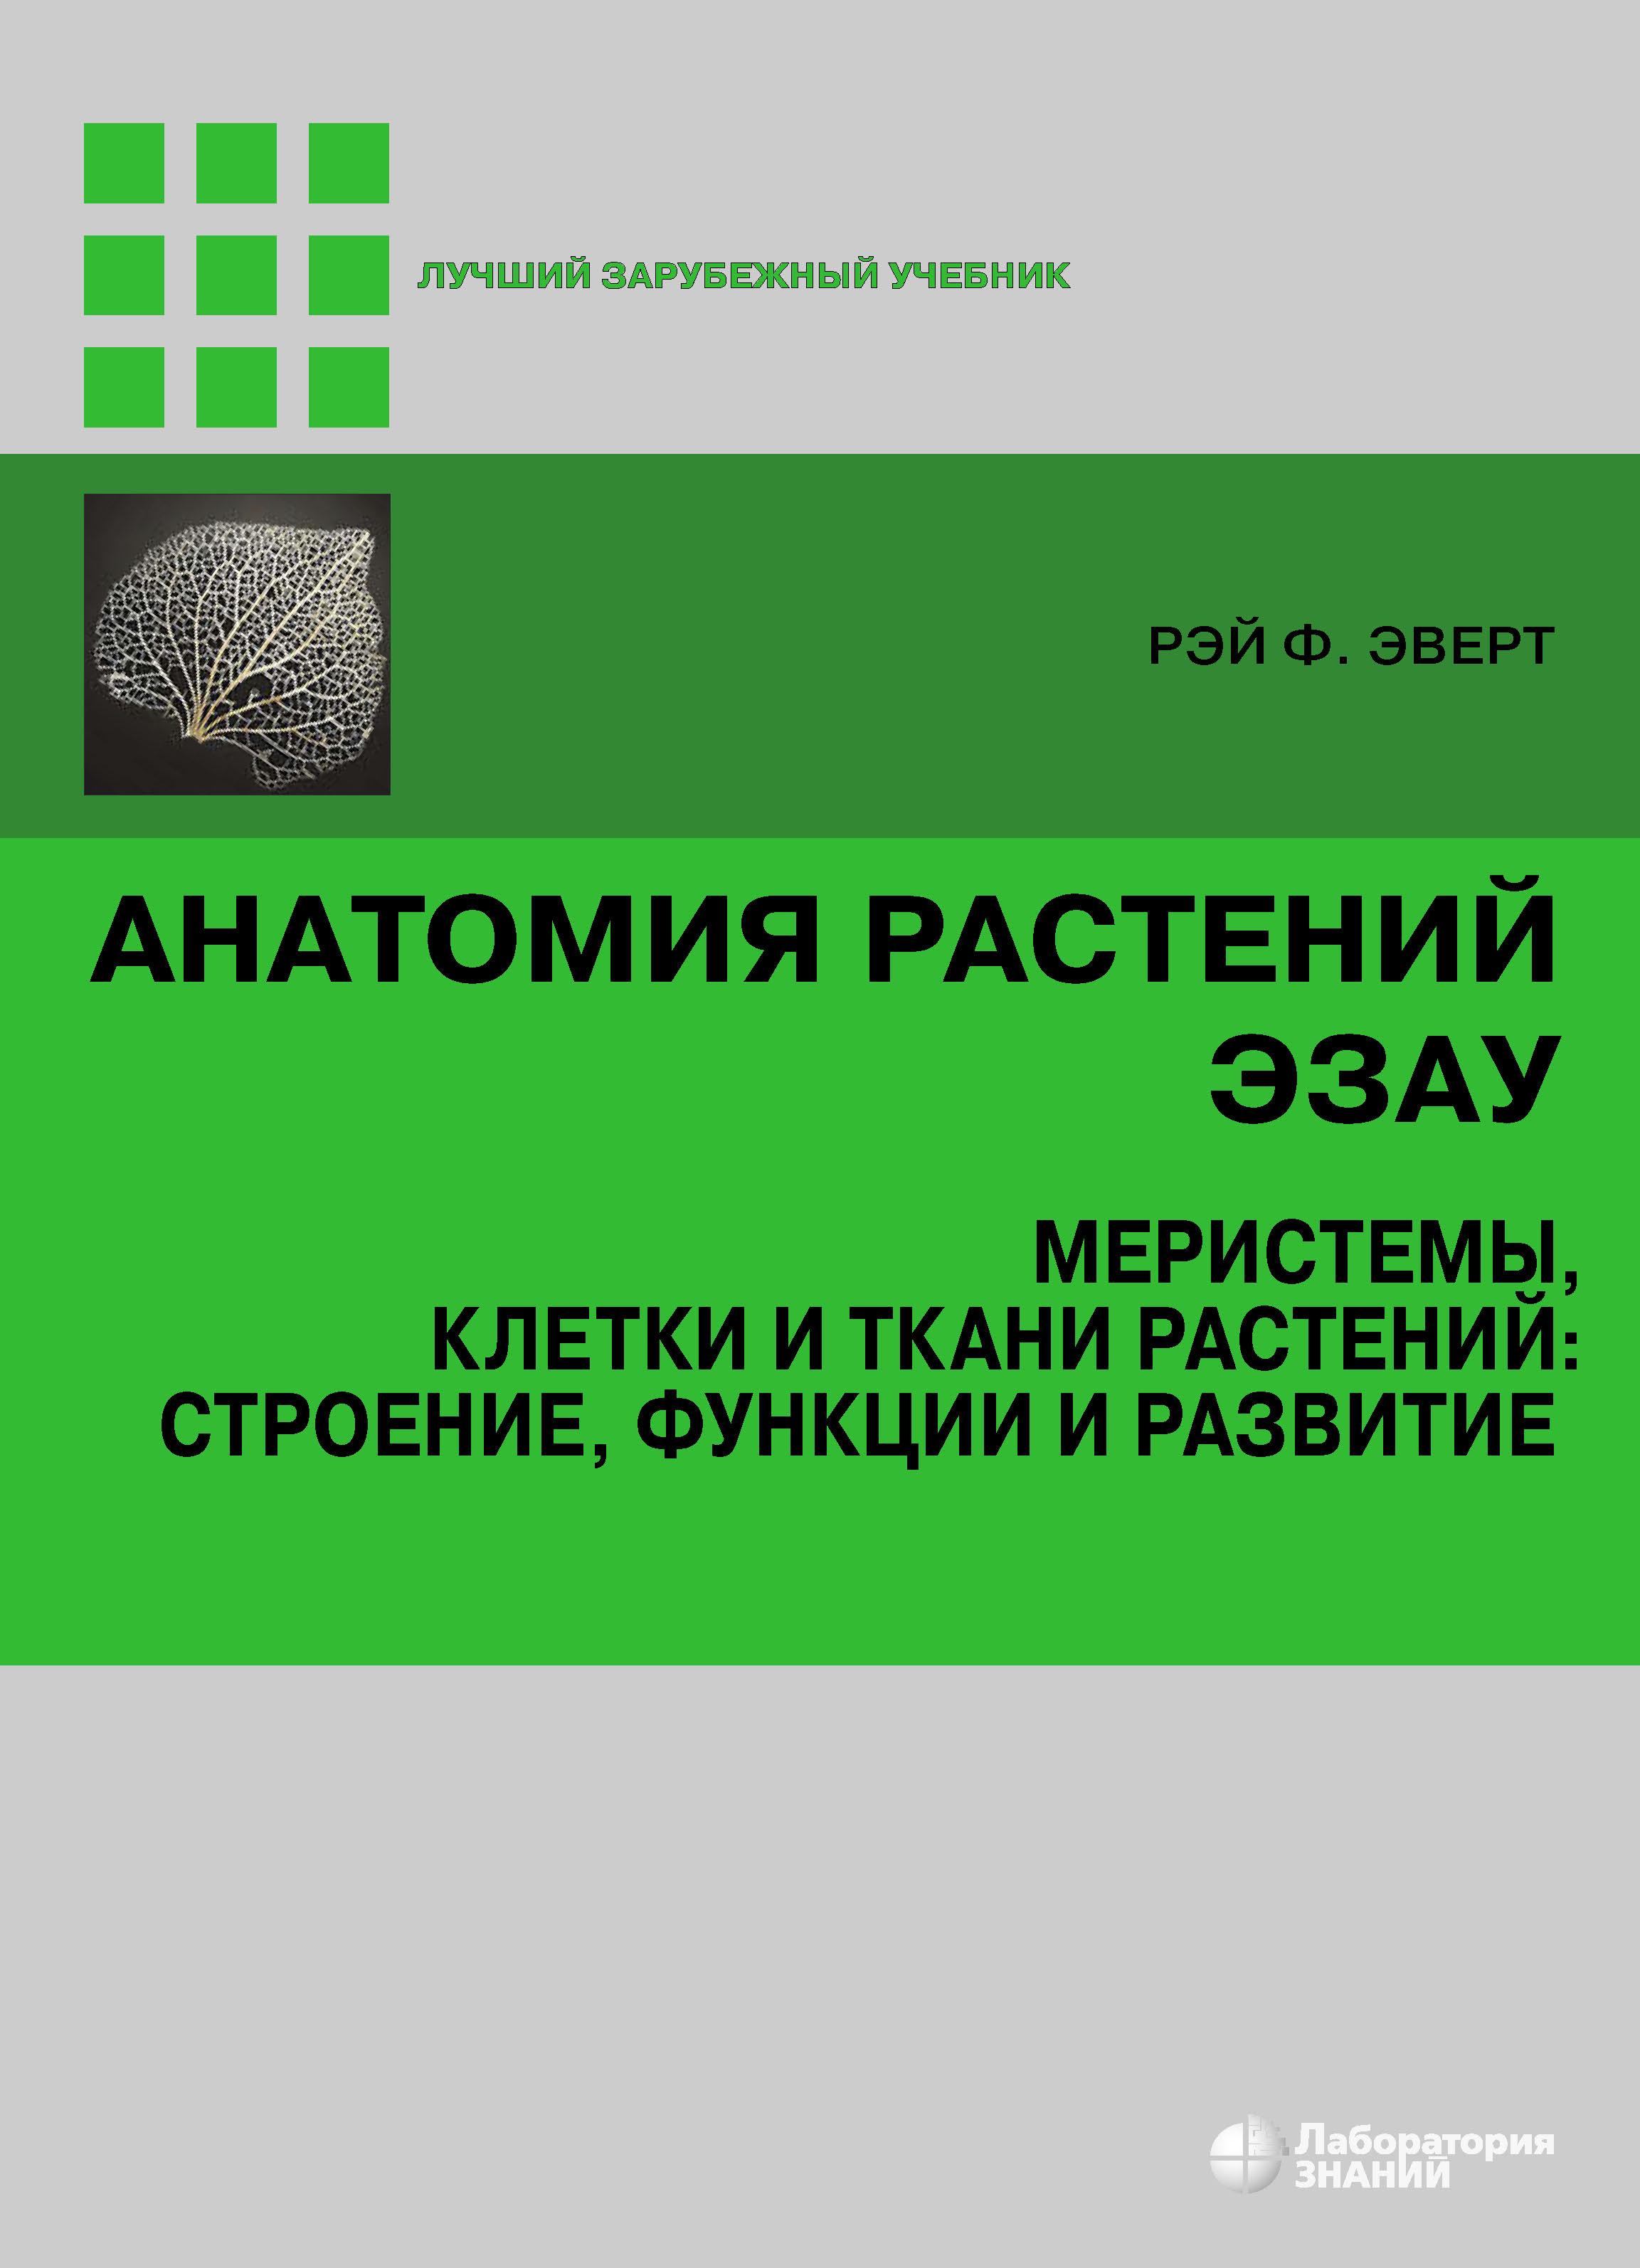 Рэй Ф. Эверт Анатомия растений Эзау. Меристемы, клетки и ткани растений: строение, функции и развитие для тела высших растений характерно строение